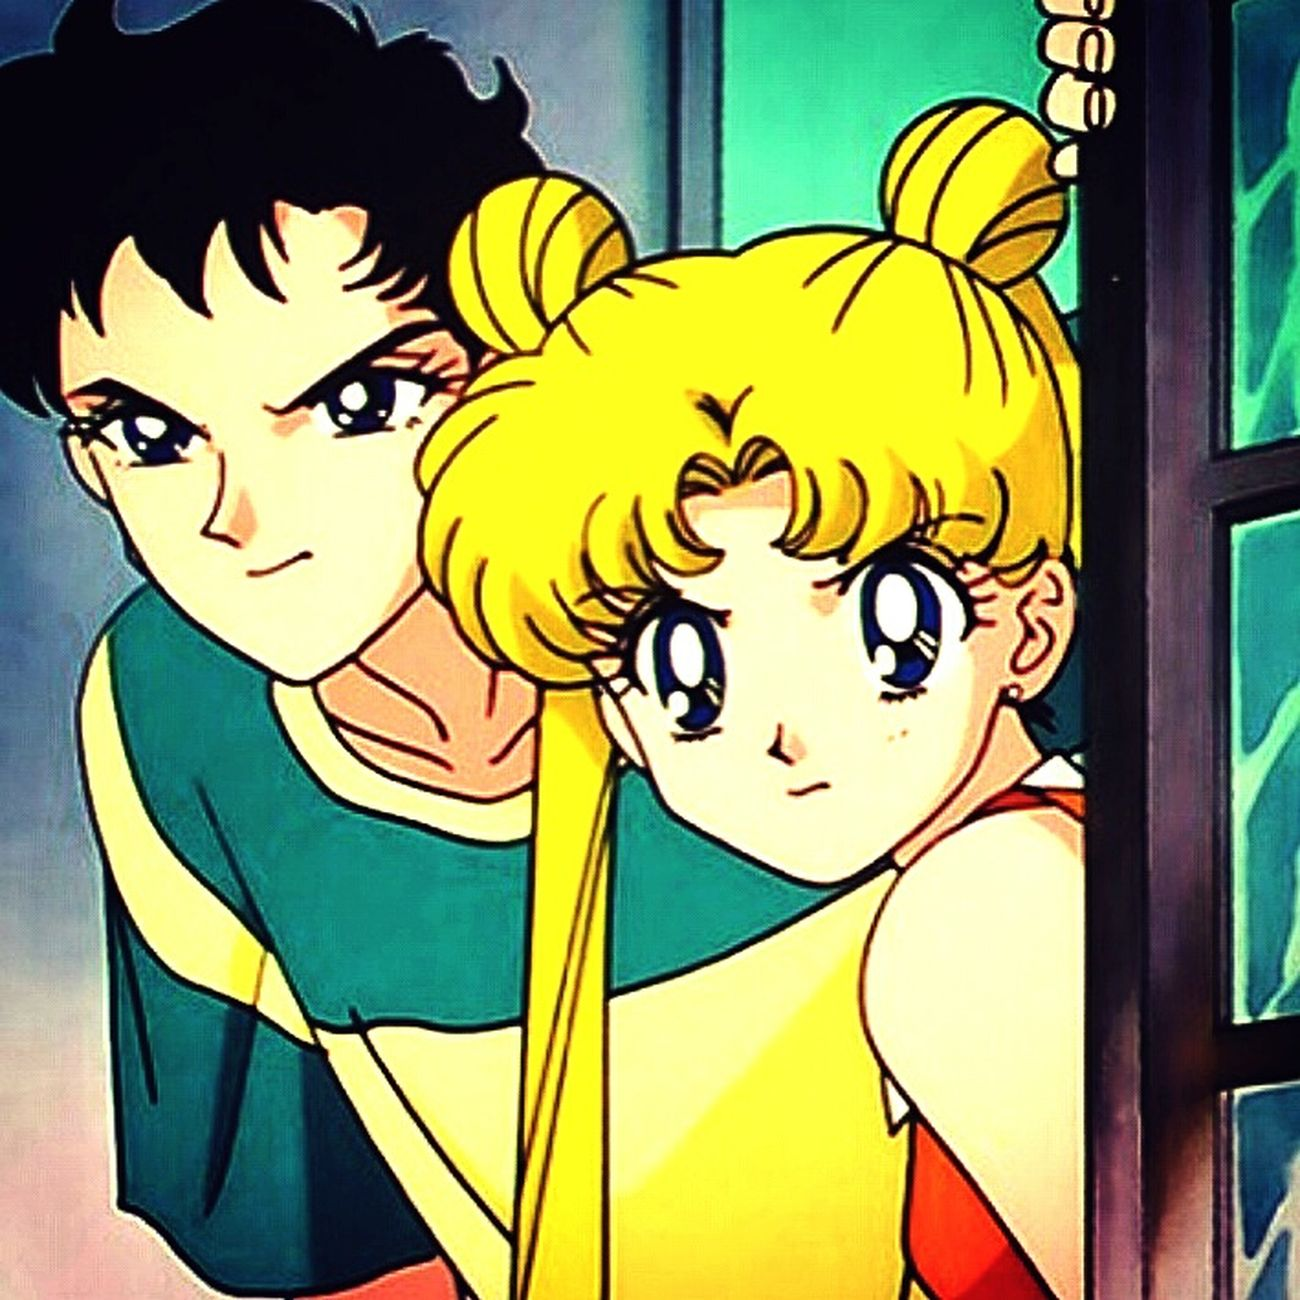 Sailormoon Sailor Moon Sailormooncrystal Sailormoon Crystal Sailormoon Love♡ Usagitsukino Bunnytsukino Seiya Seiya Kou Seiyakou First Eyeem Photo